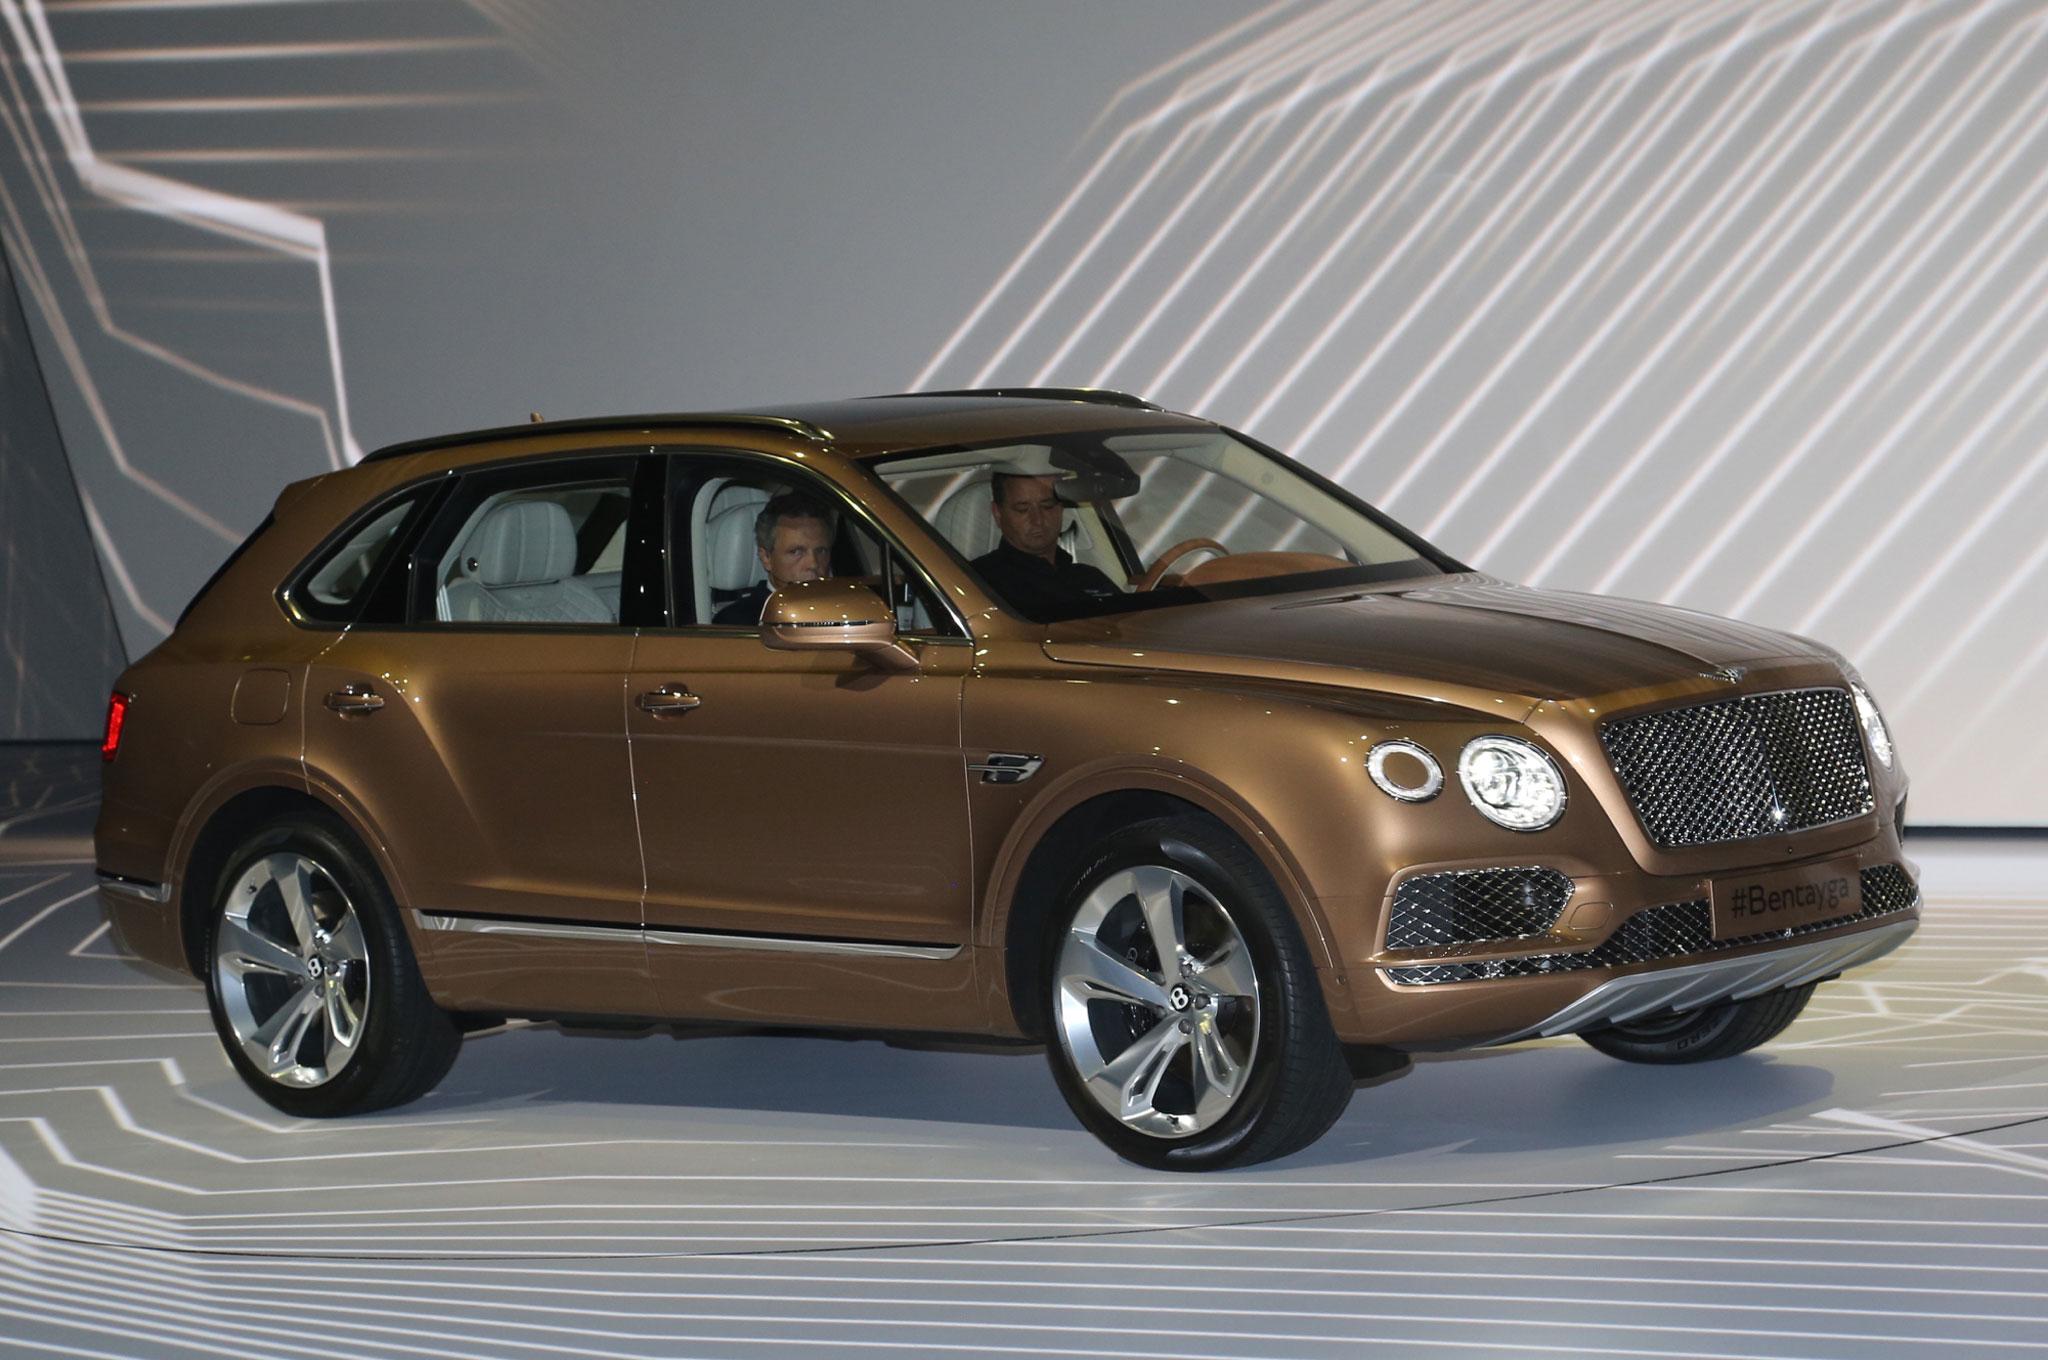 2017 Bentley Bentayga Suv Revealed Ahead Of Frankfurt